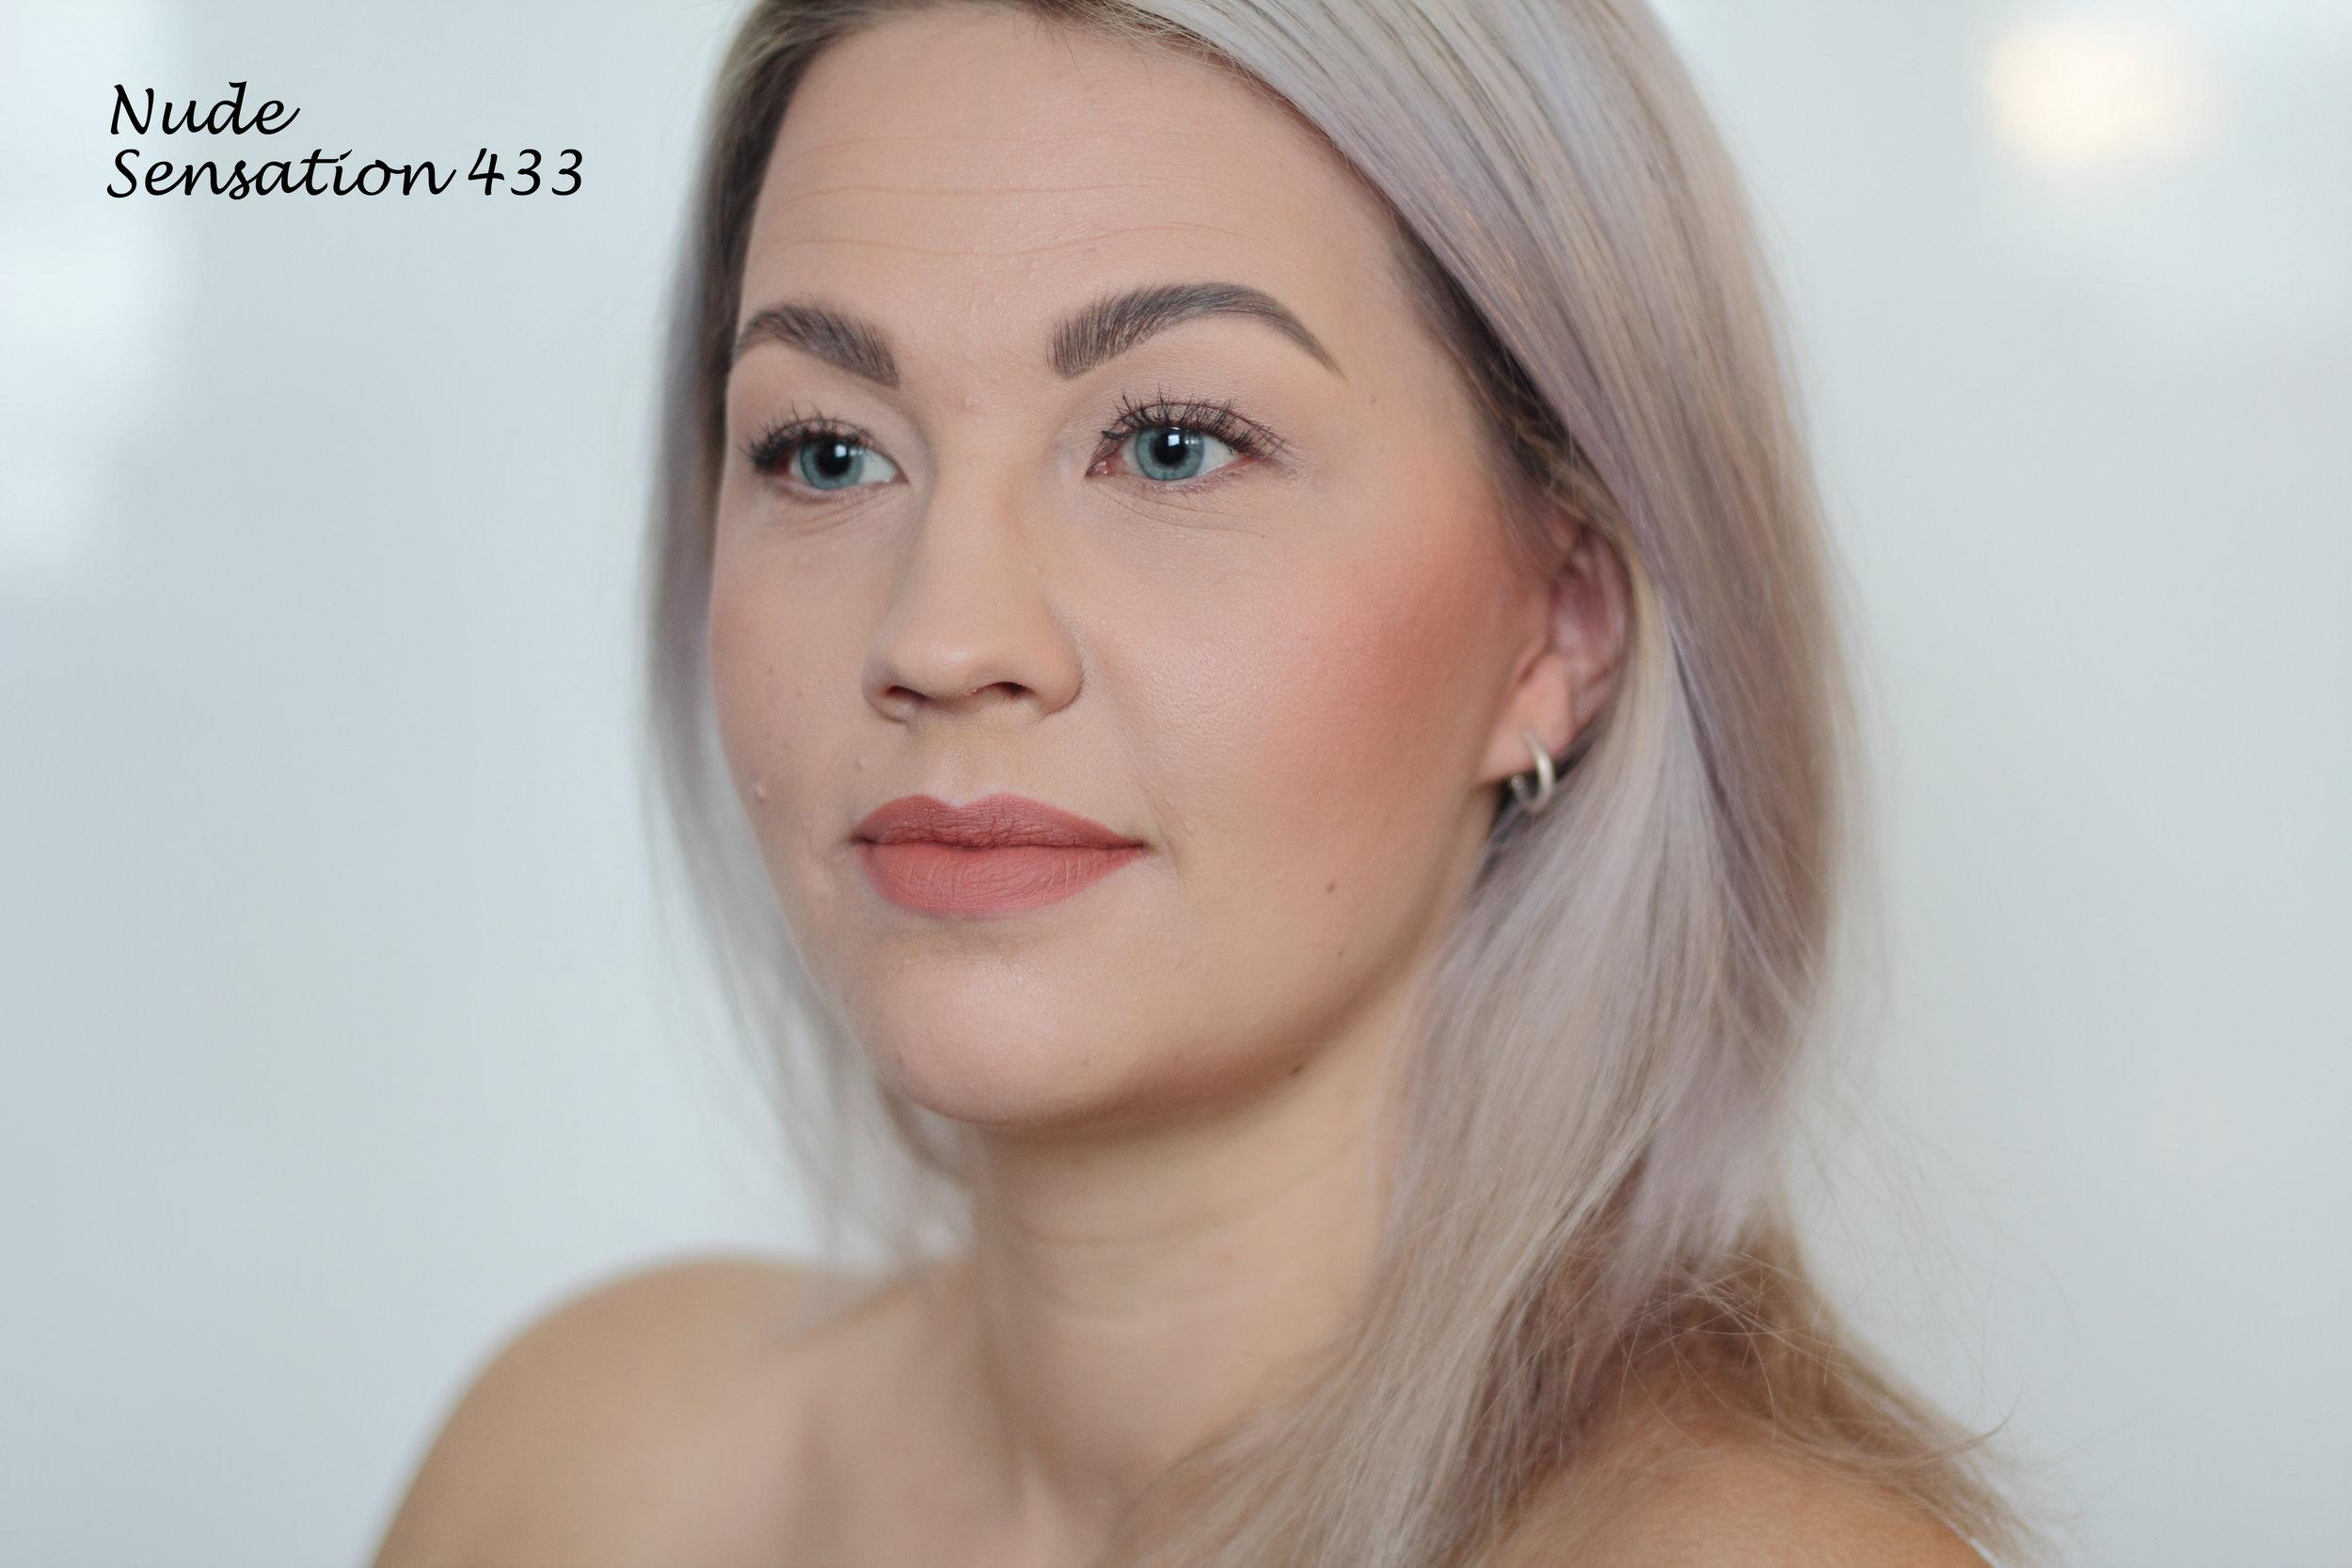 Nude Sensation Lipstick (433): Nude Sensation taas on perinteisempi rusehtava nude. Näistä vaaleista sävyistä tykkään eniten tästä. Sopii varmasti tosi hyvin tumman silmämeikin kanssa ja näyttää hyvältä myös pelkän ripsivärin kanssa.